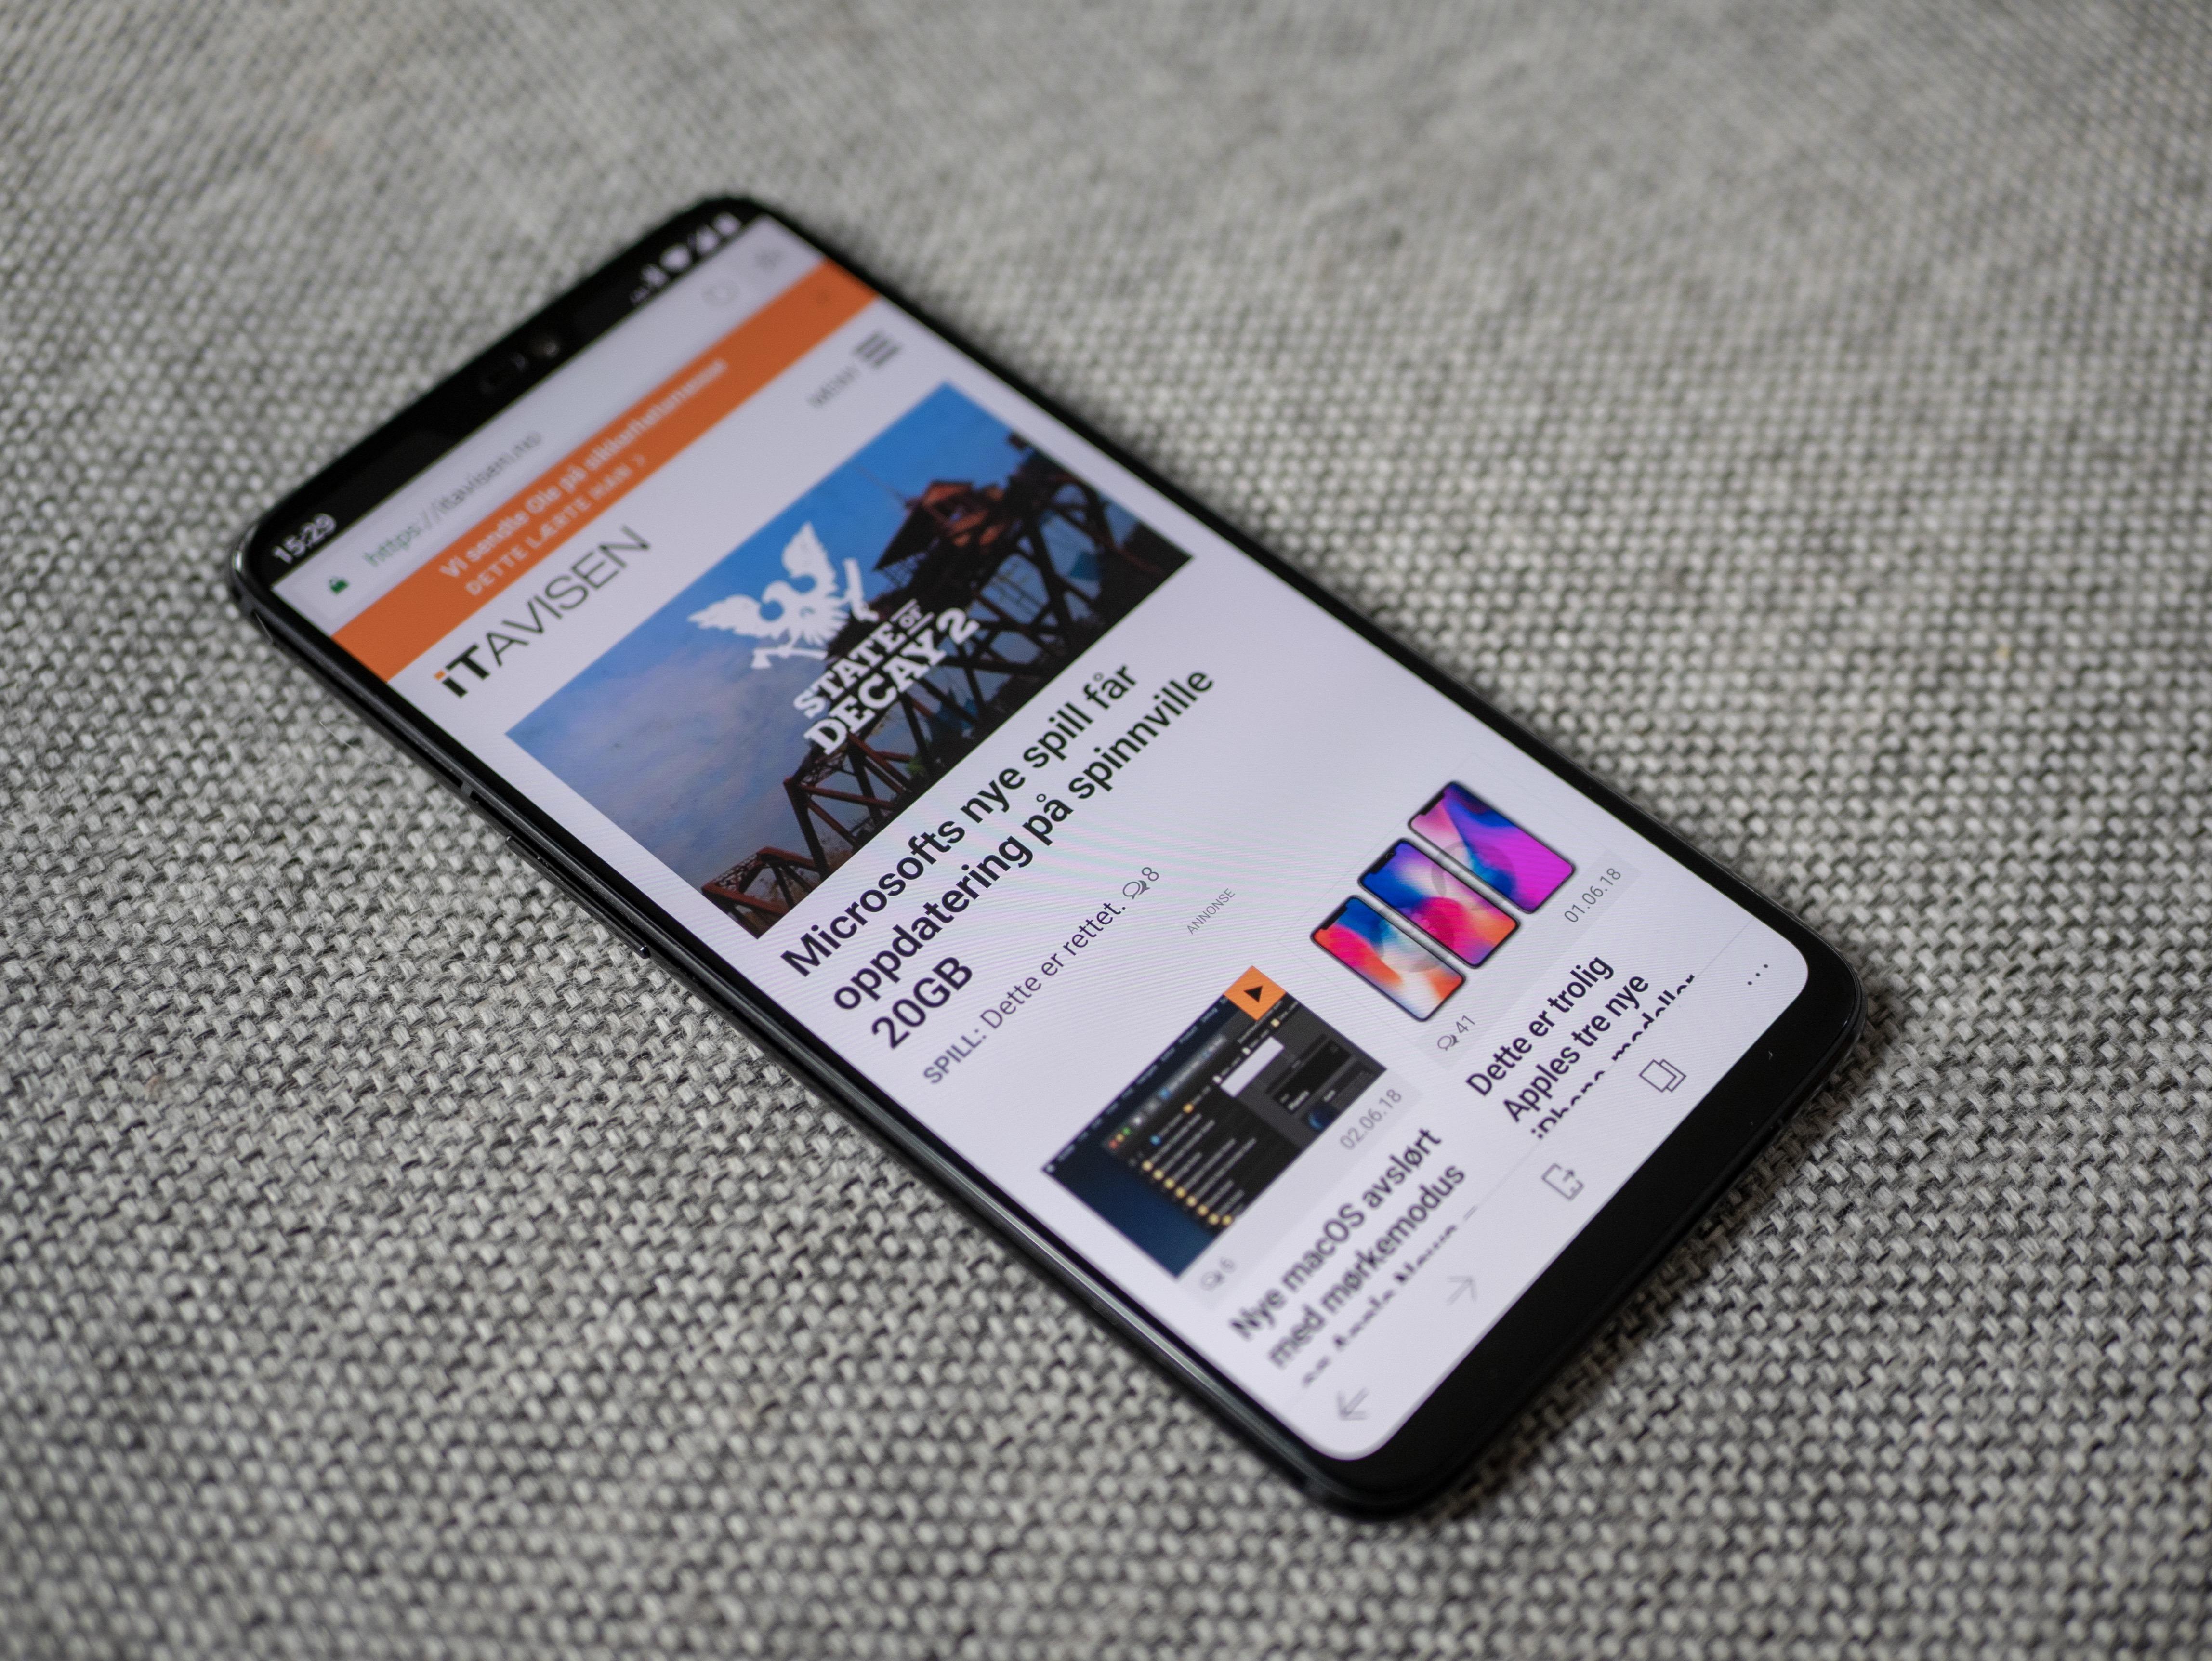 Du ser det ikke så godt her, men OnePLus 6 har også skjermleppe.